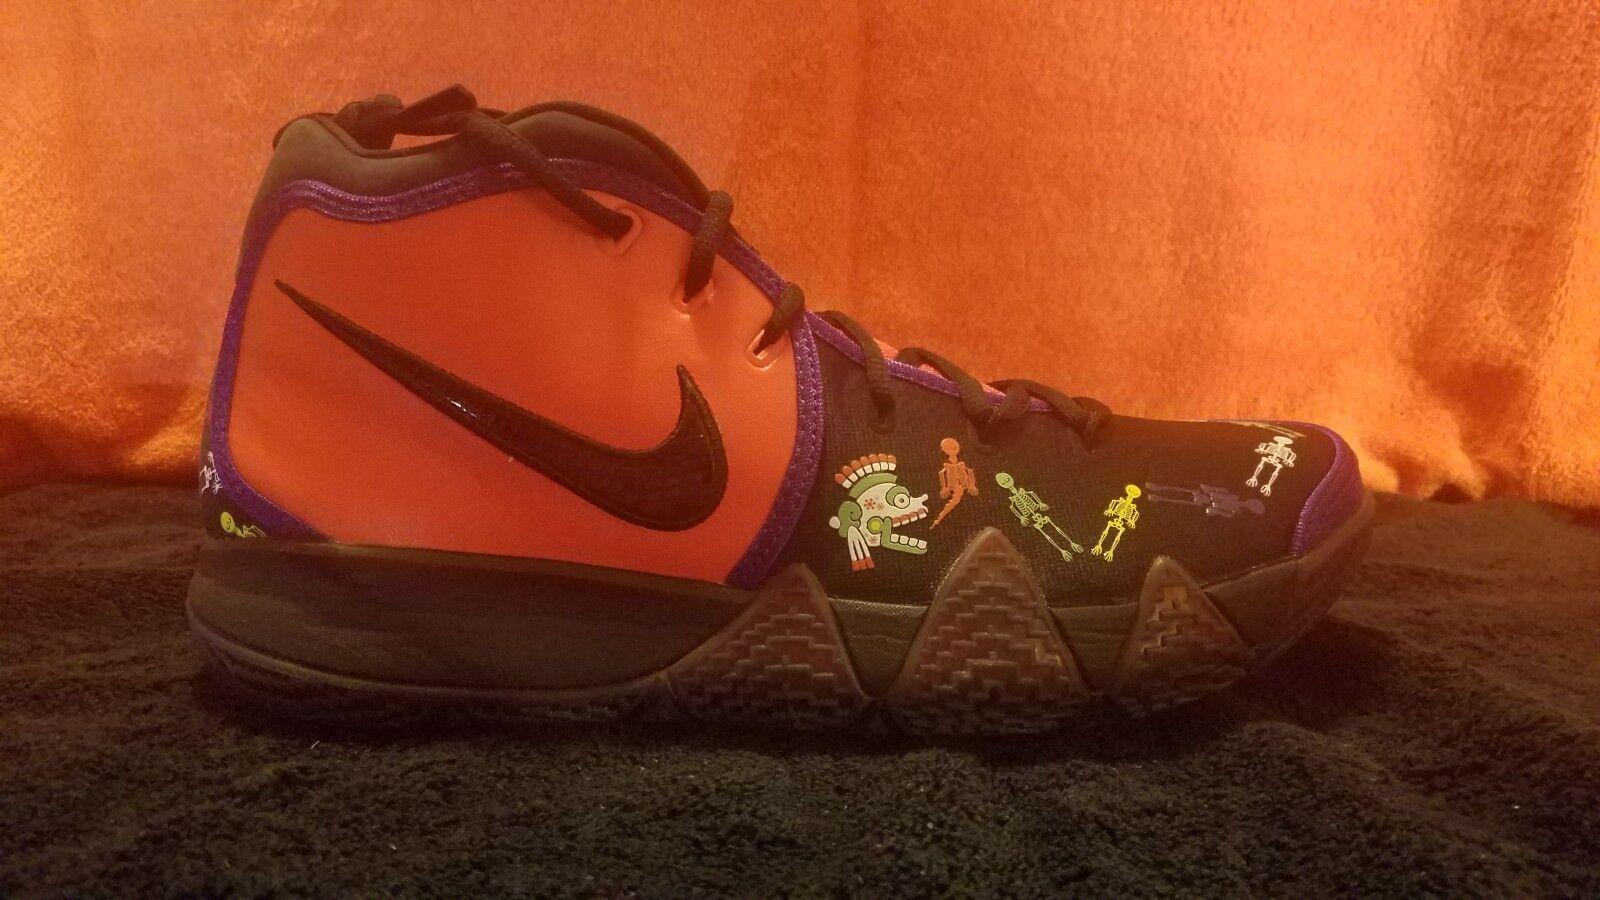 Nike kyrie 4. tag der toten c10278-800 größe 11. 11. 11. 00a5d4